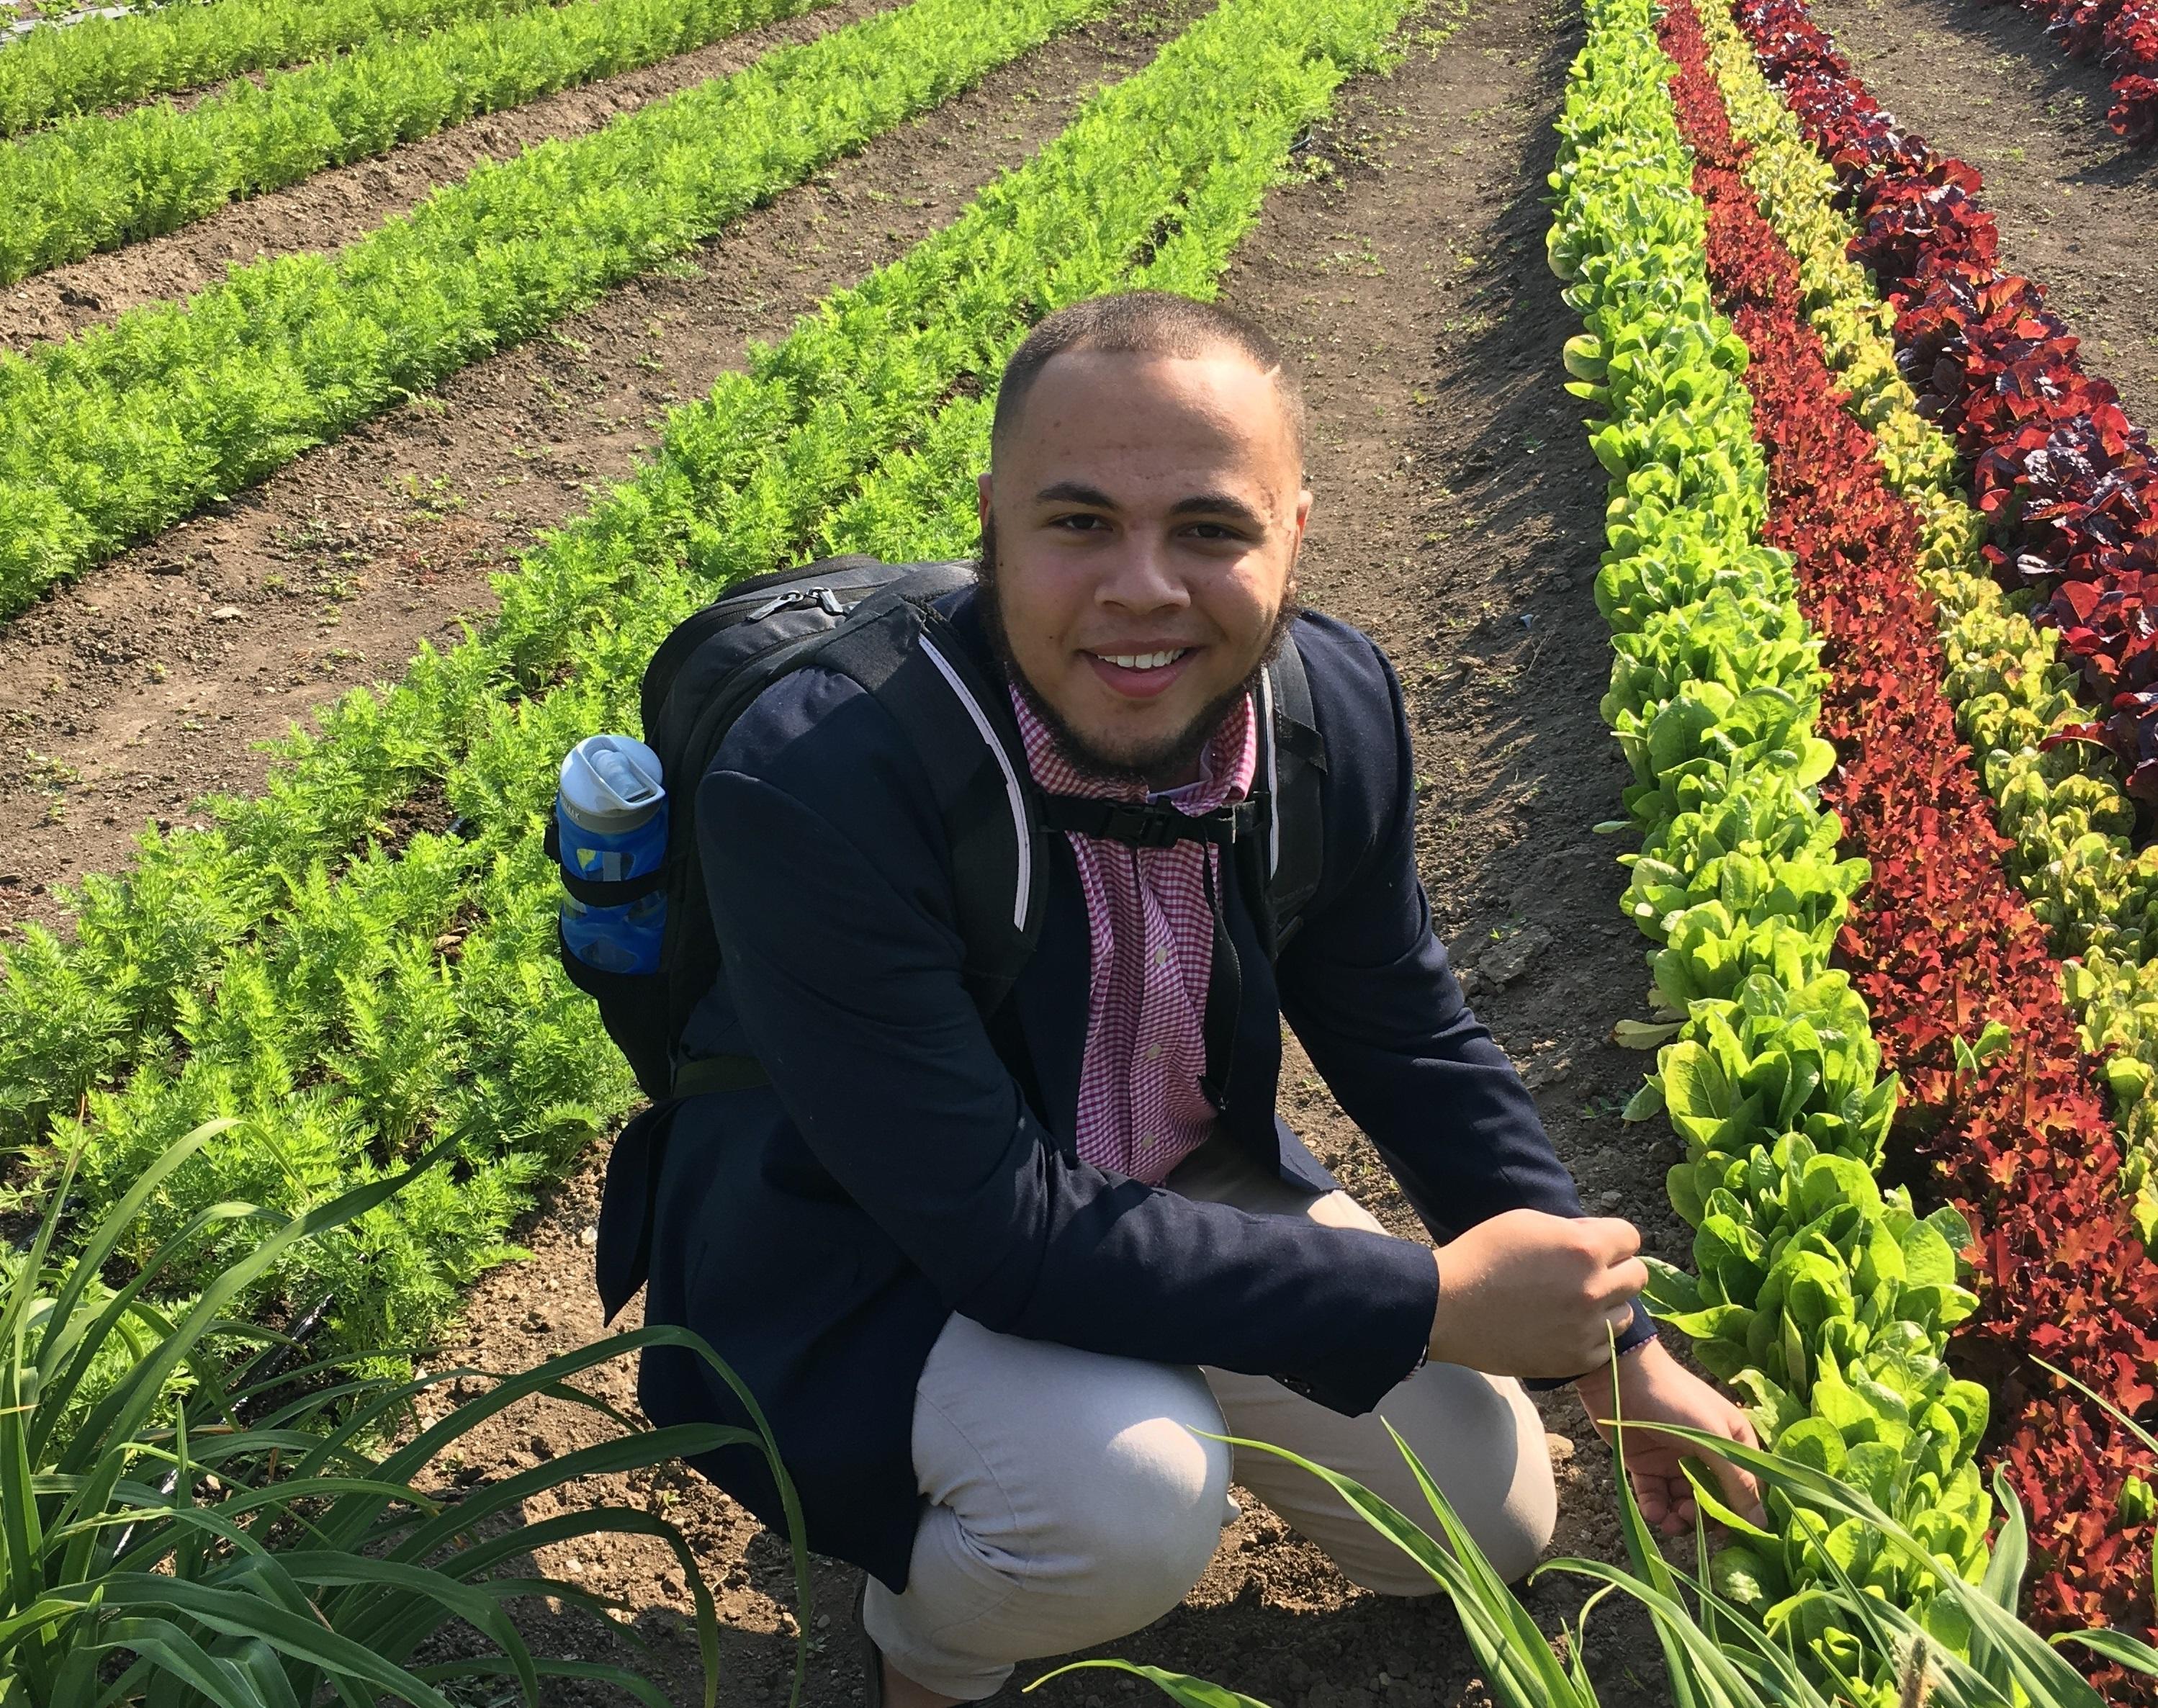 Allosius Snodgrass visits the Ohio City urban farm